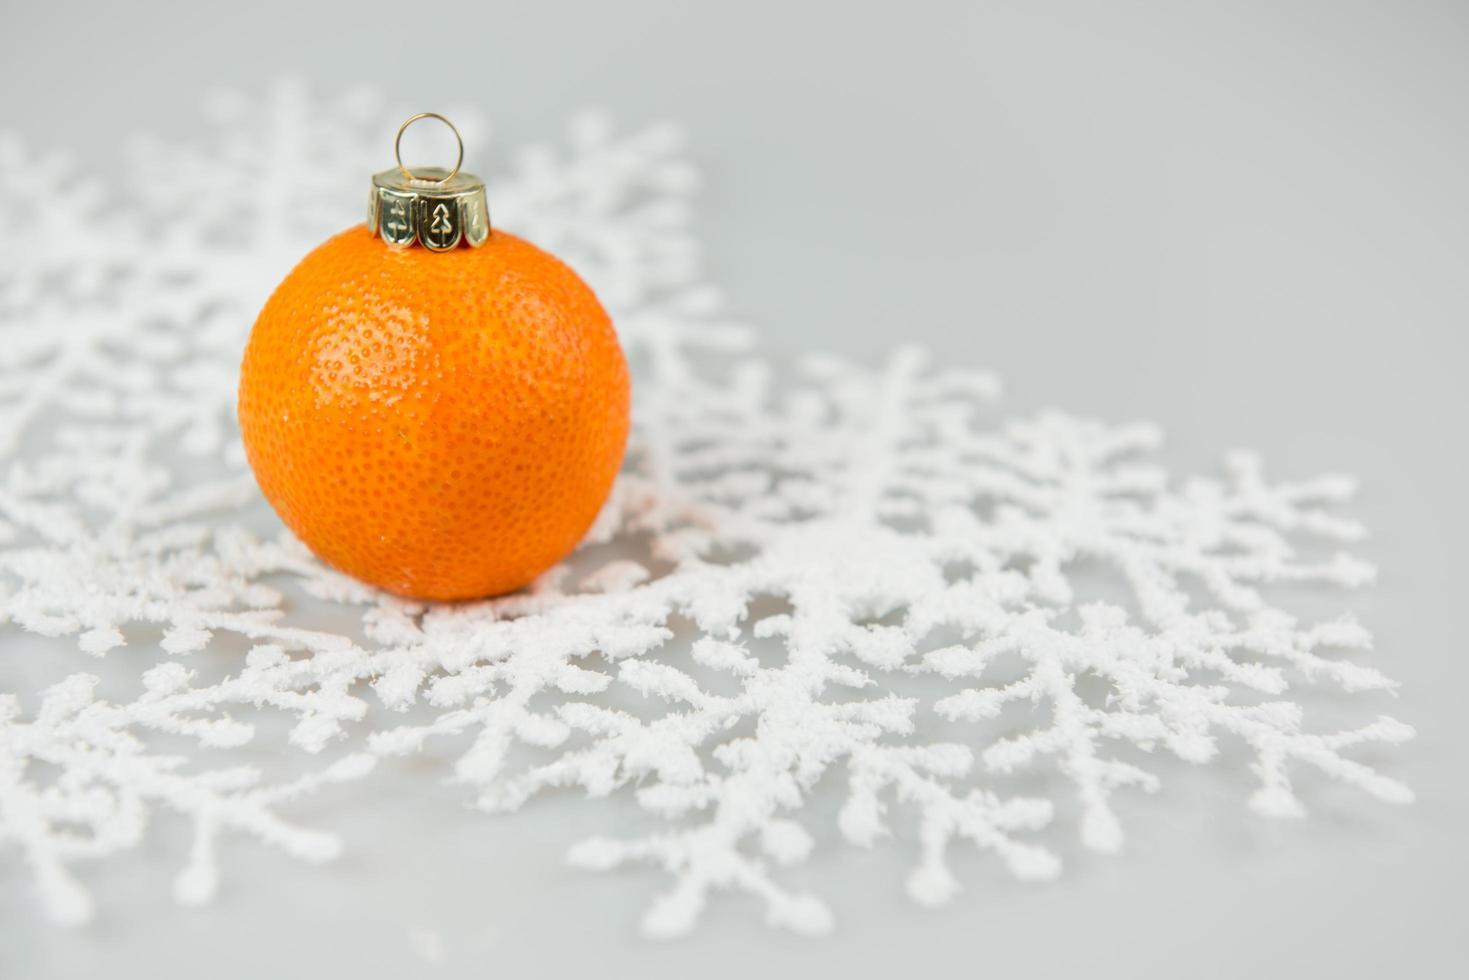 une boule de mandarine sur un flocon de neige photo